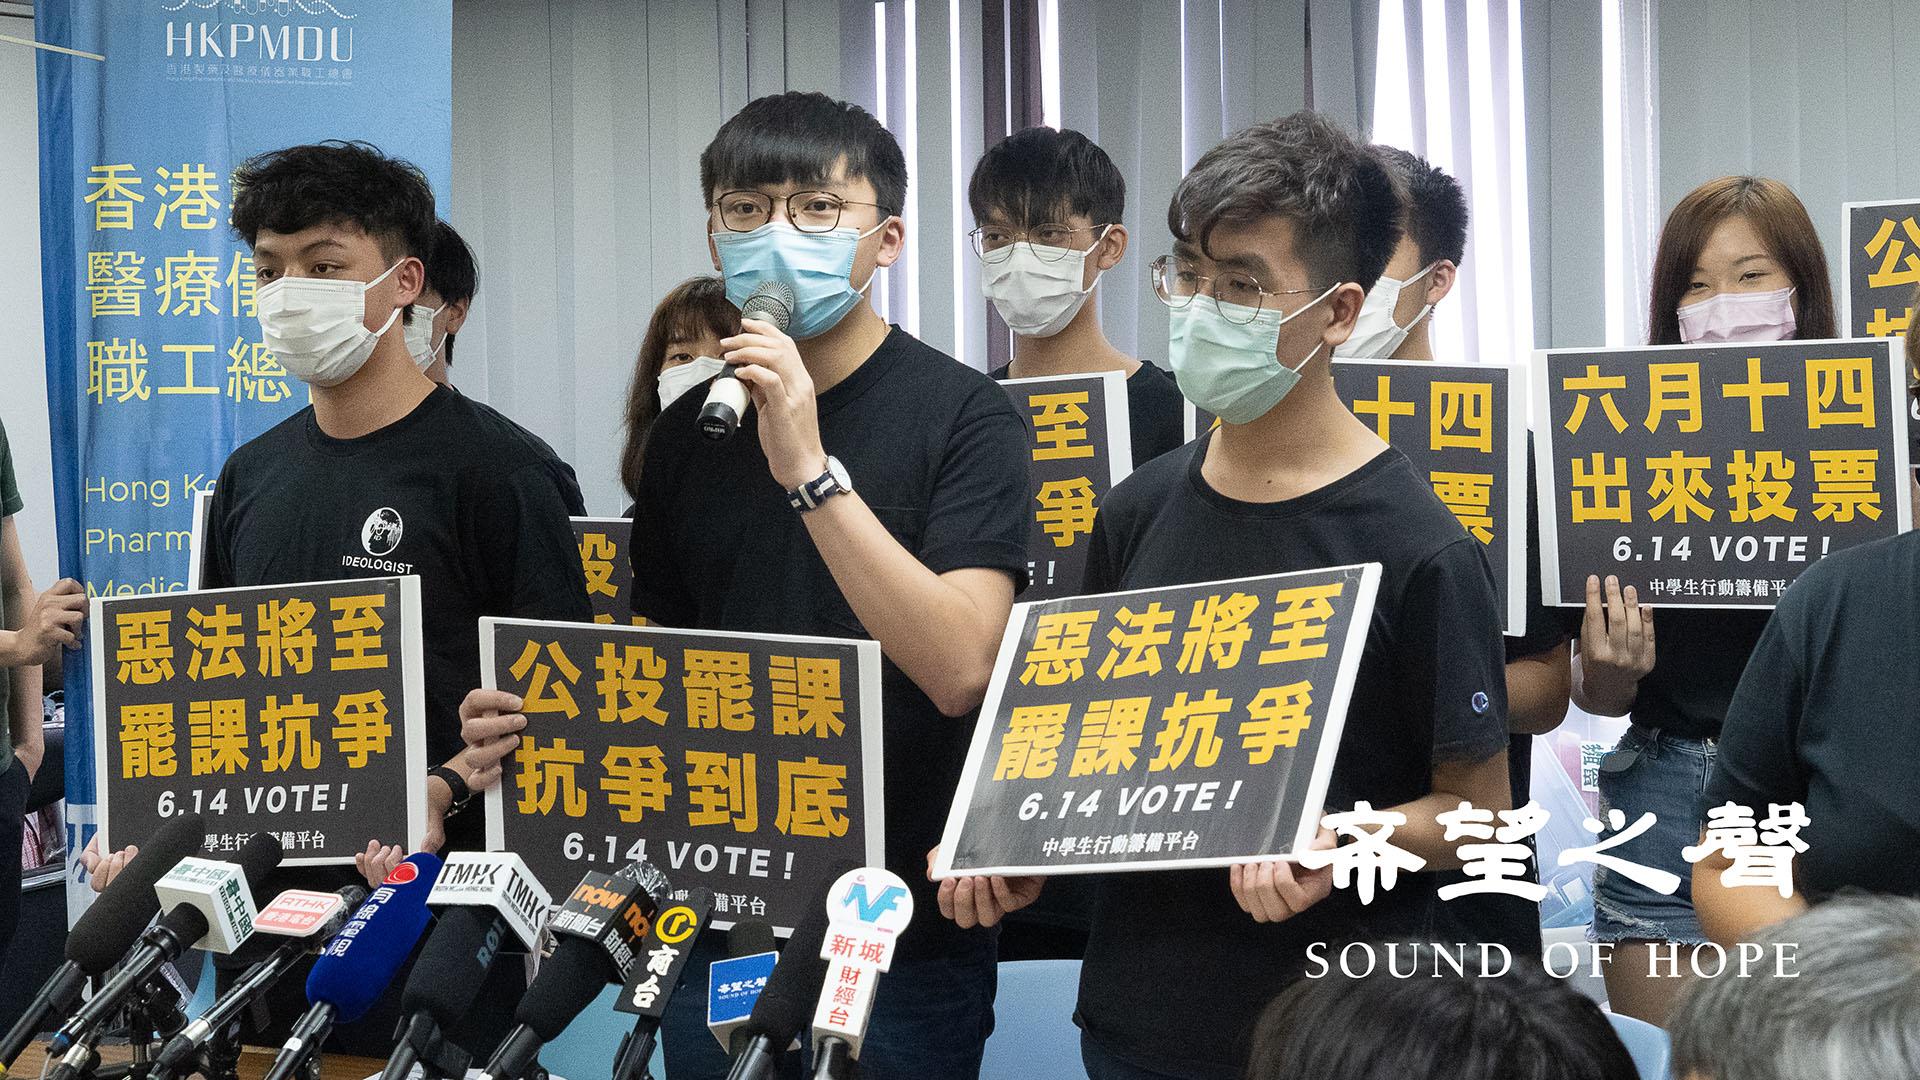 中学生行动筹备平台也在6日宣布,将联同「二百万三罢联合阵线」,在6月14日举行罢课公投。(郑铭/SOH)